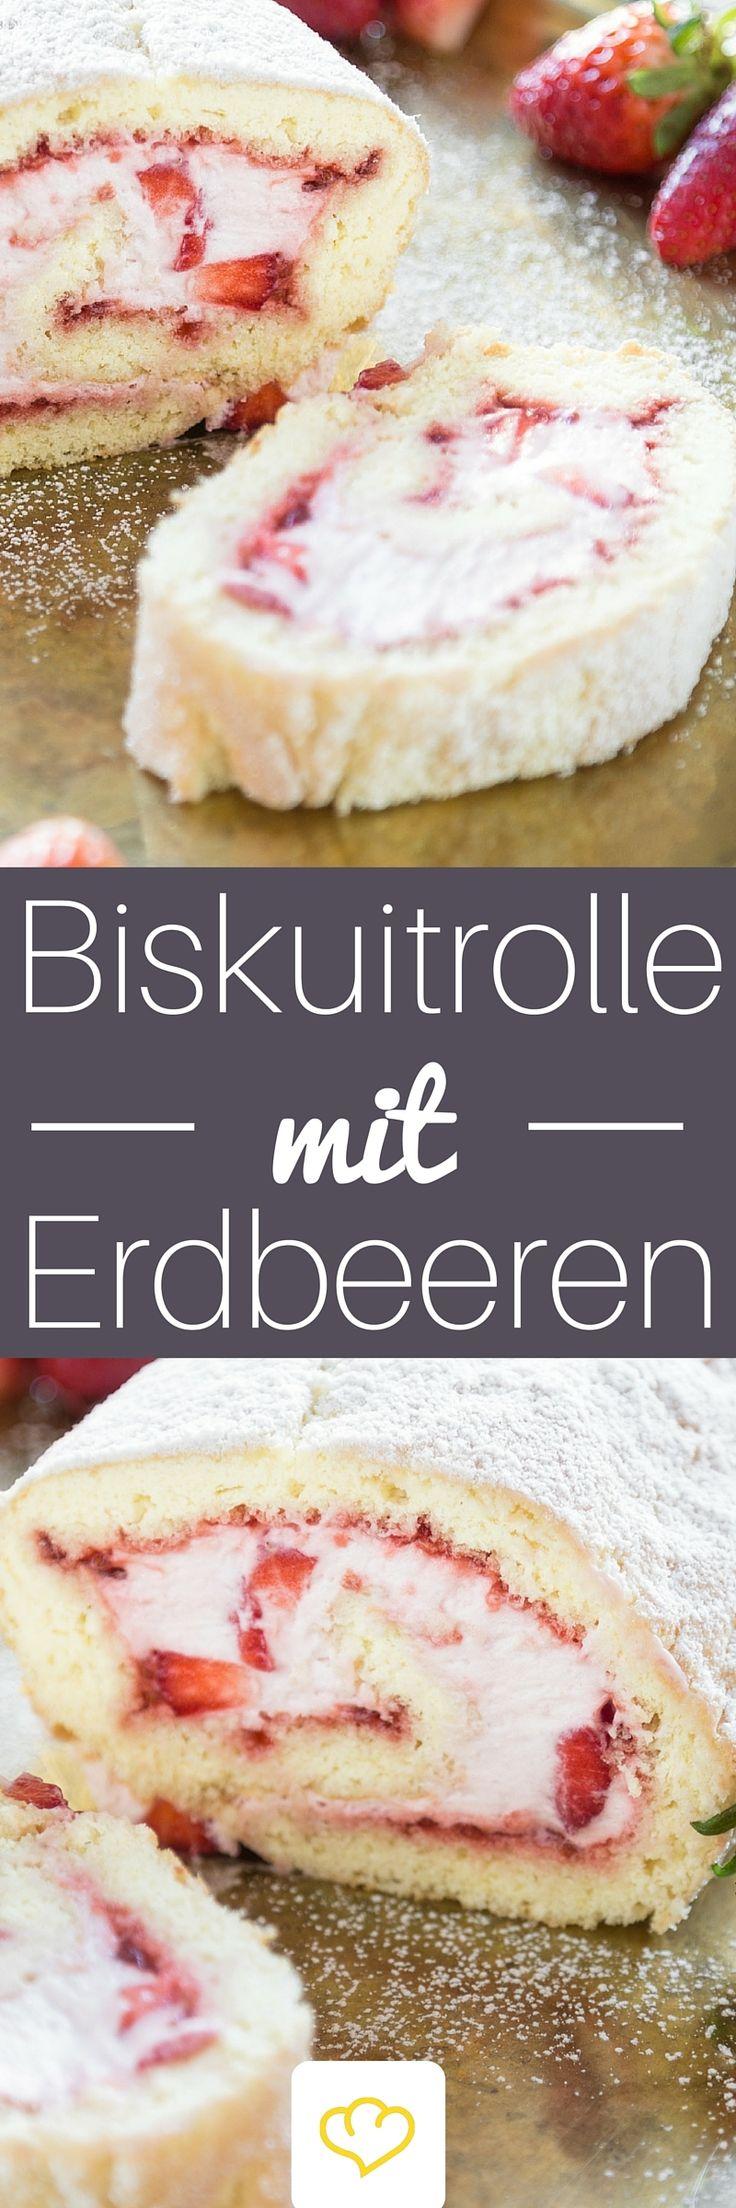 Mit Sahne und Erdbeeren gefüllt – so mögen wir unsere Biskuitrolle am liebsten. Ein bisschen fruchtig und ein bisschen cremig. Und ganz besonders lecker.